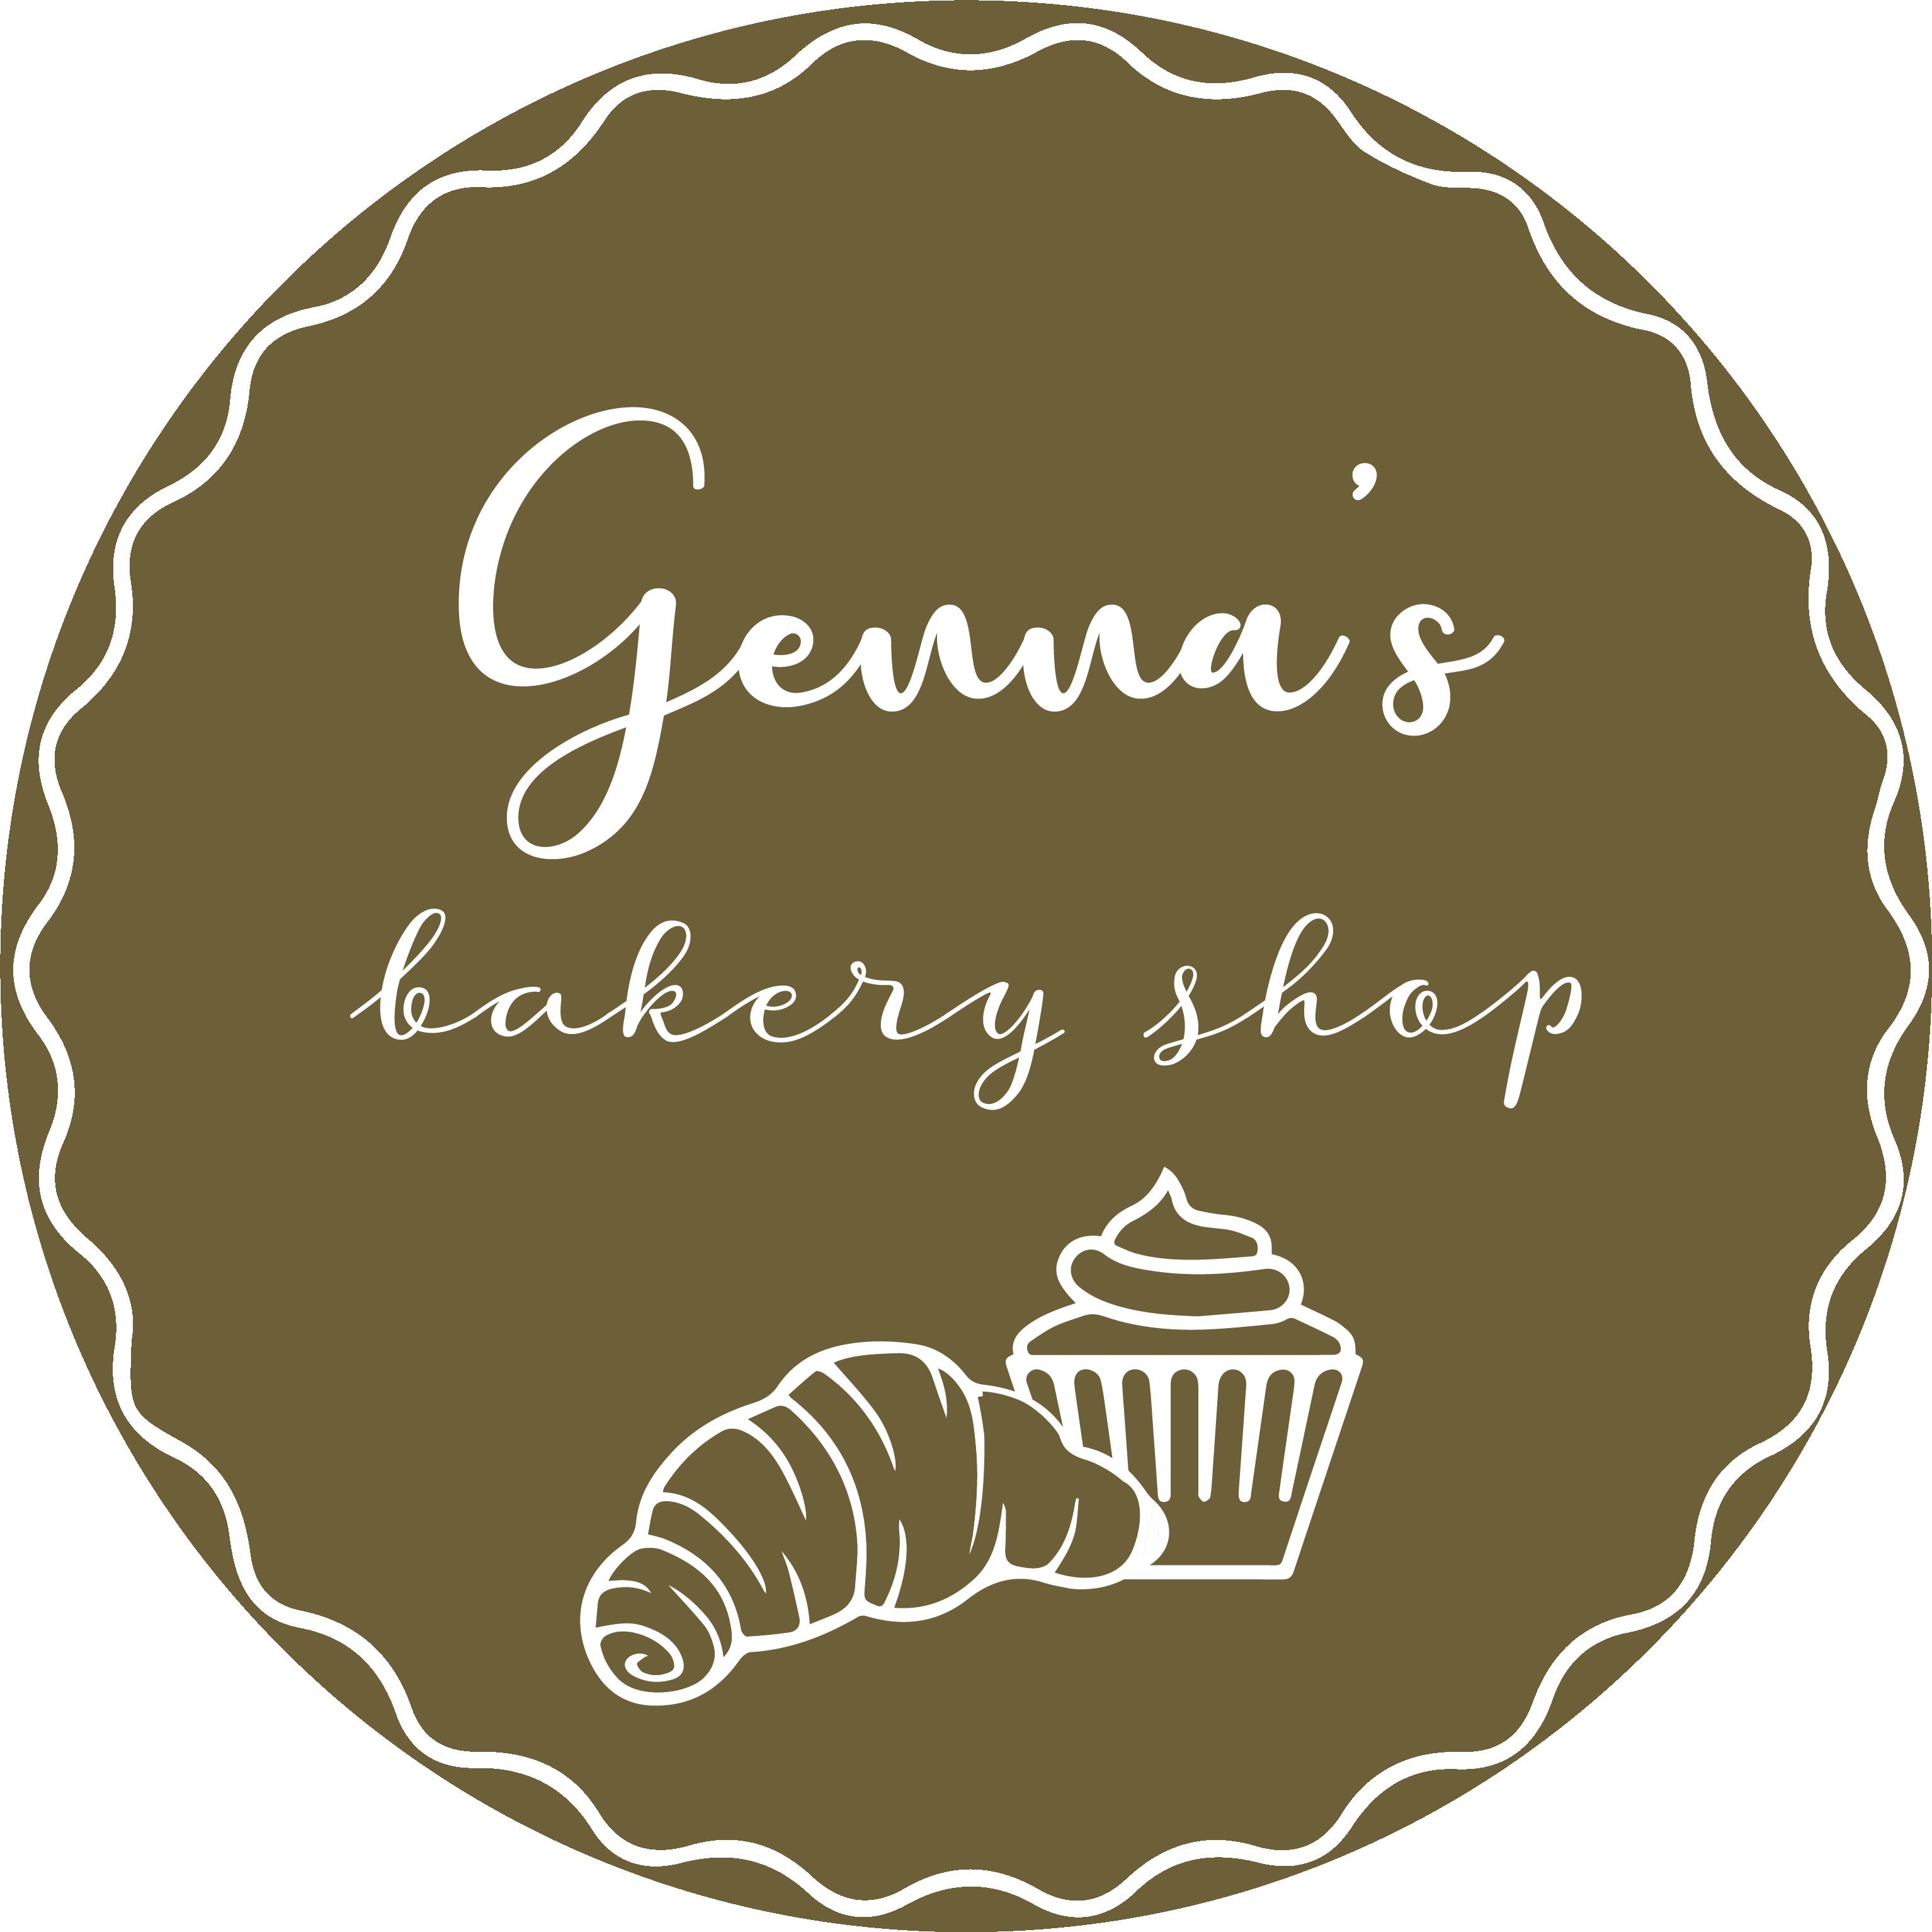 Genna´s Bakery Shop